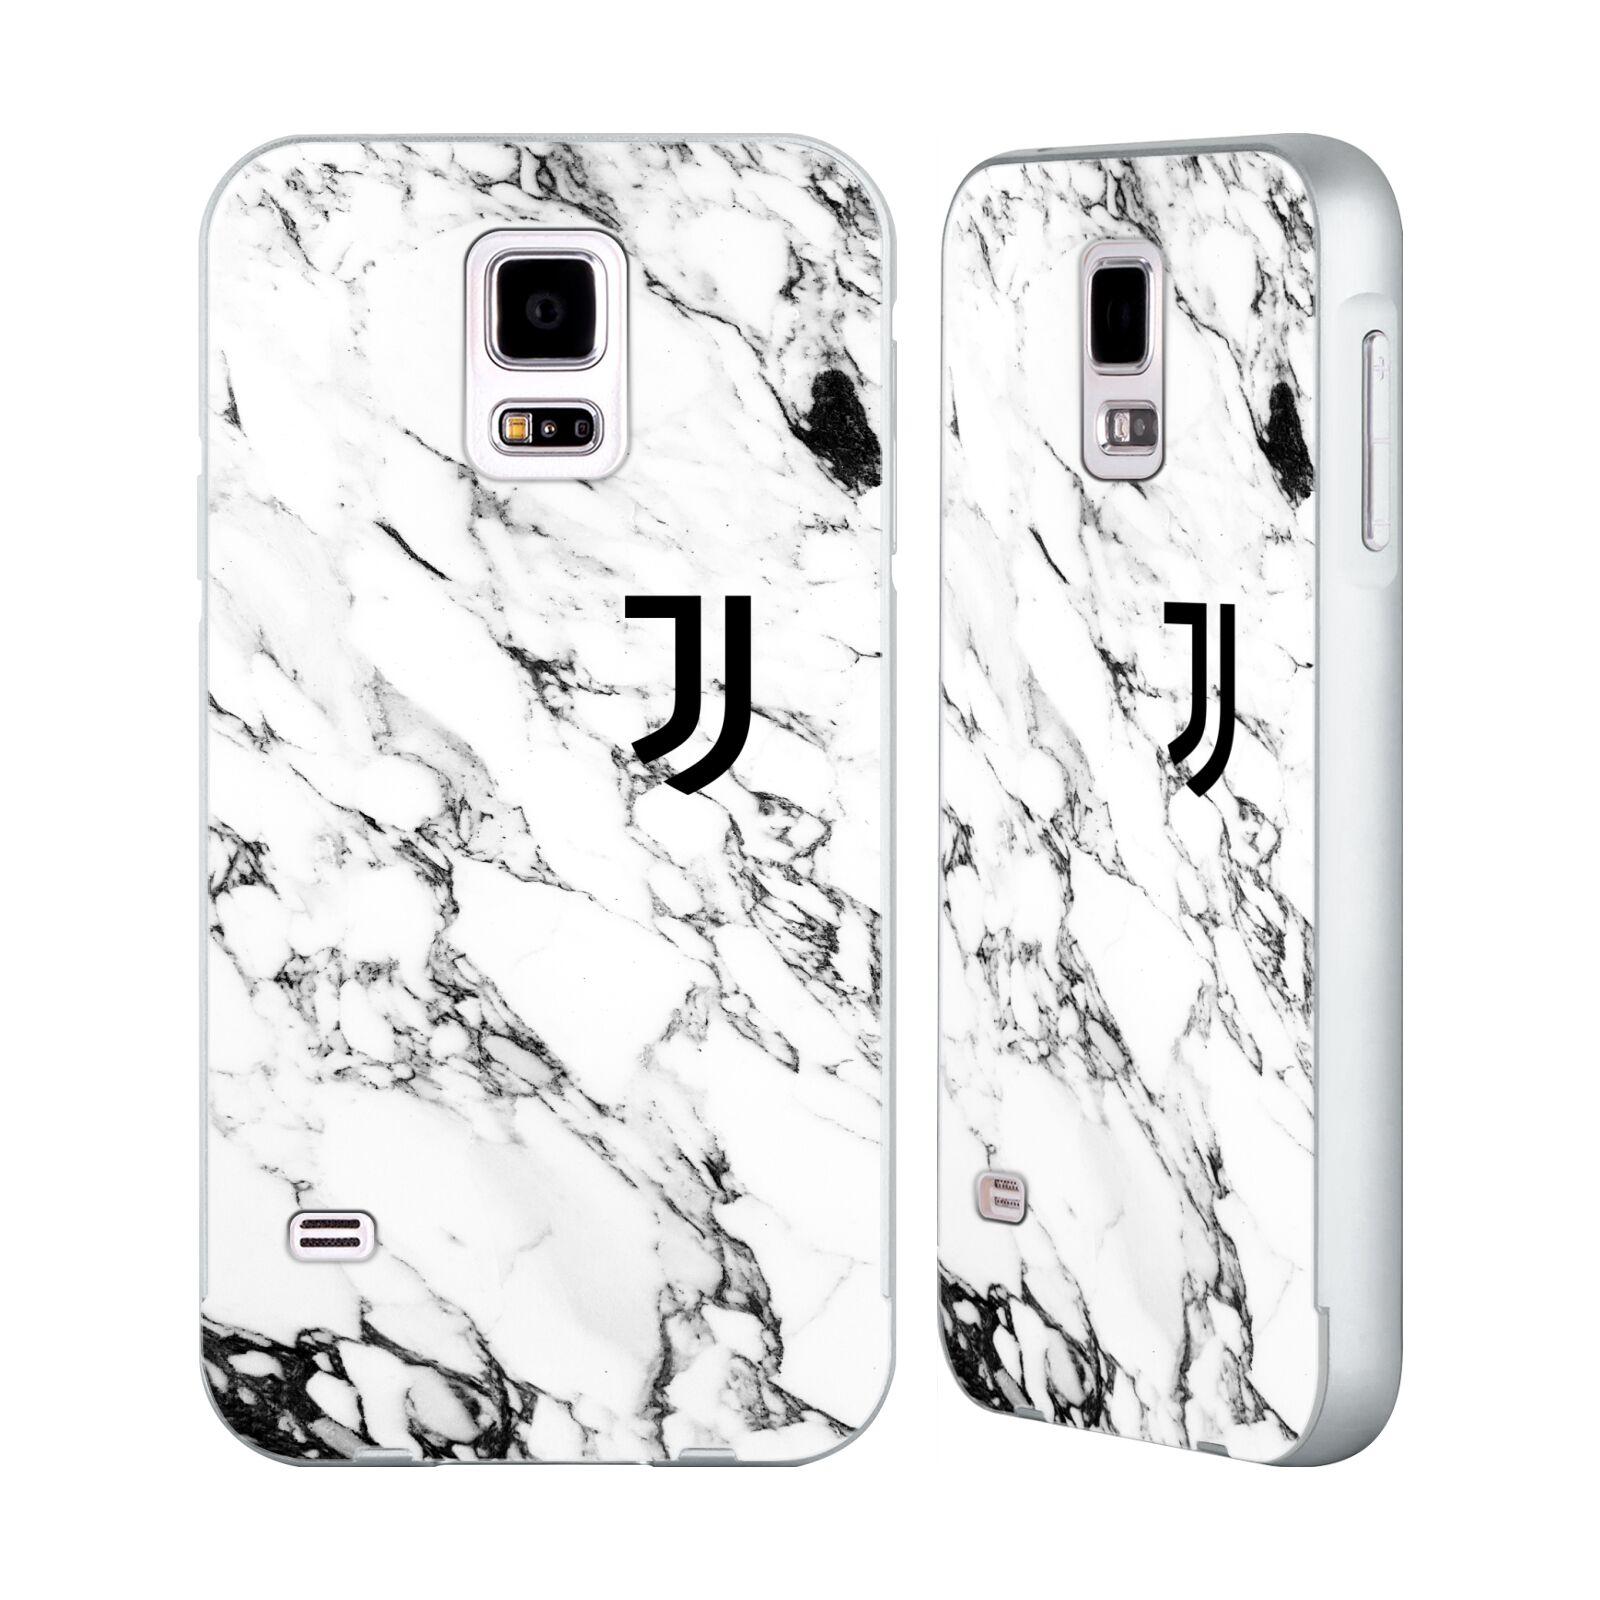 JUVENTUS-FC-2017-18-MARBRE-ARGENT-ETUI-COQUE-SLIDER-POUR-SAMSUNG-TELEPHONES